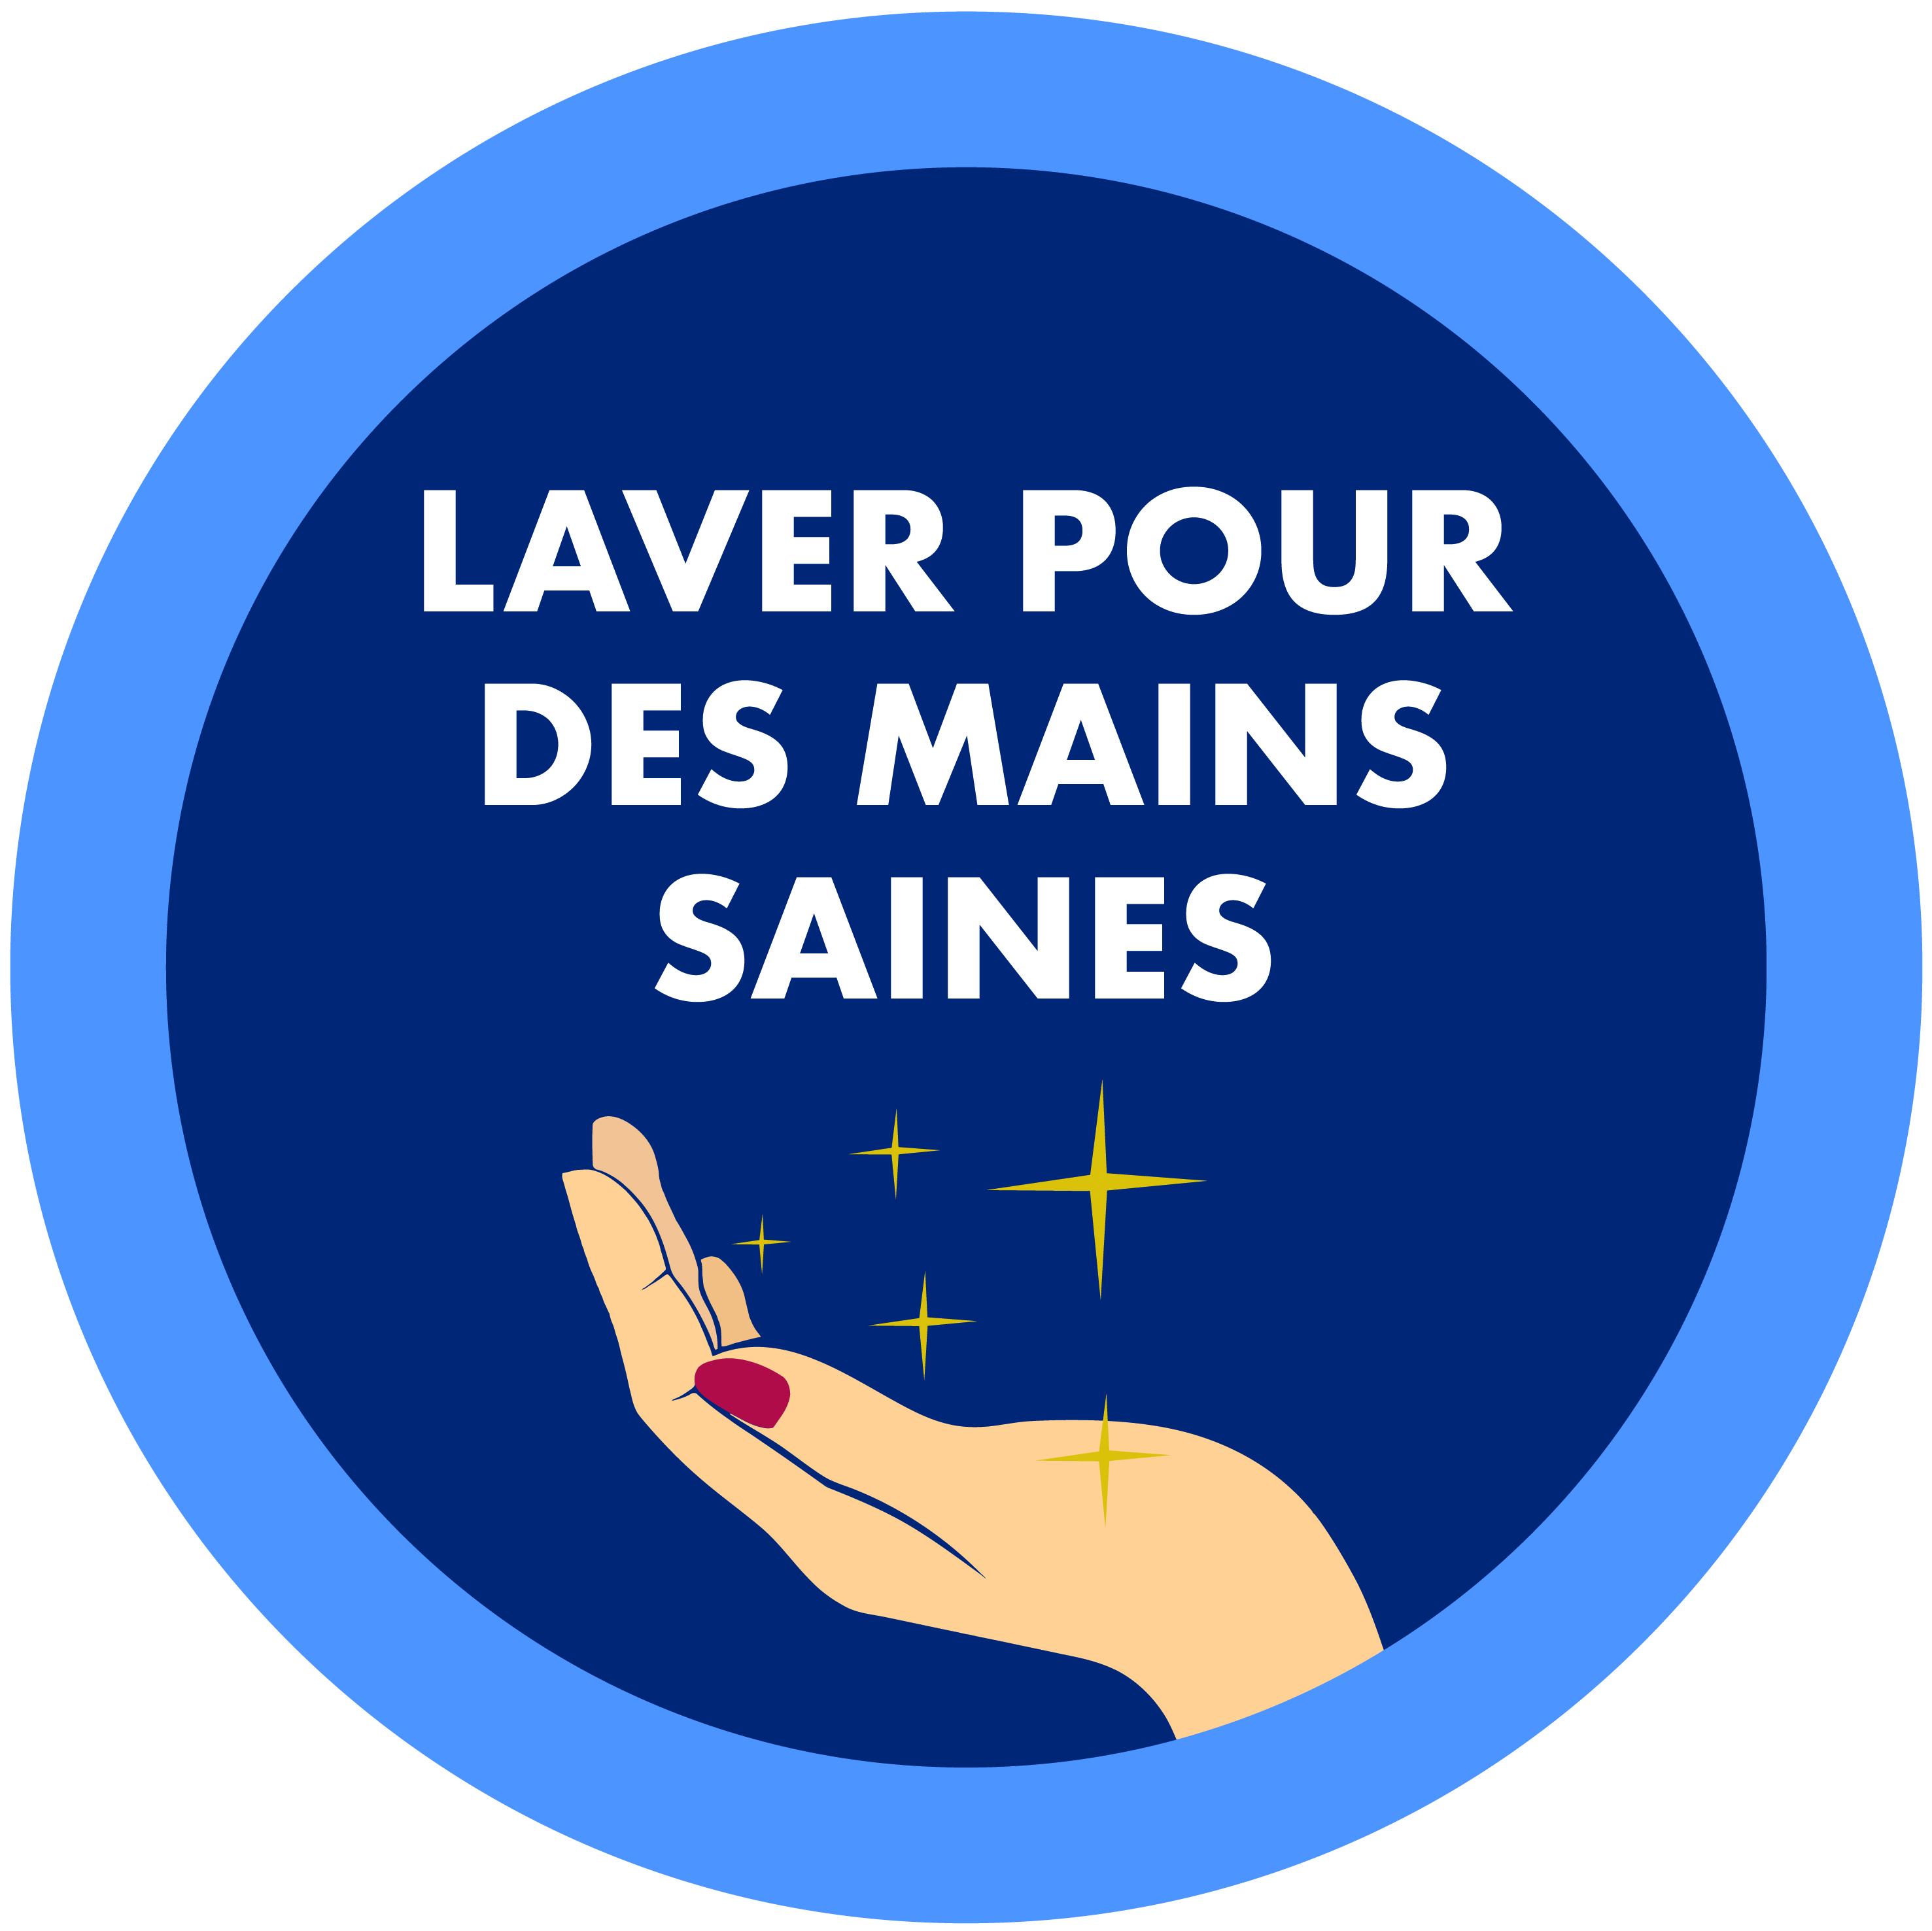 Sticker lavez vous les mains 04